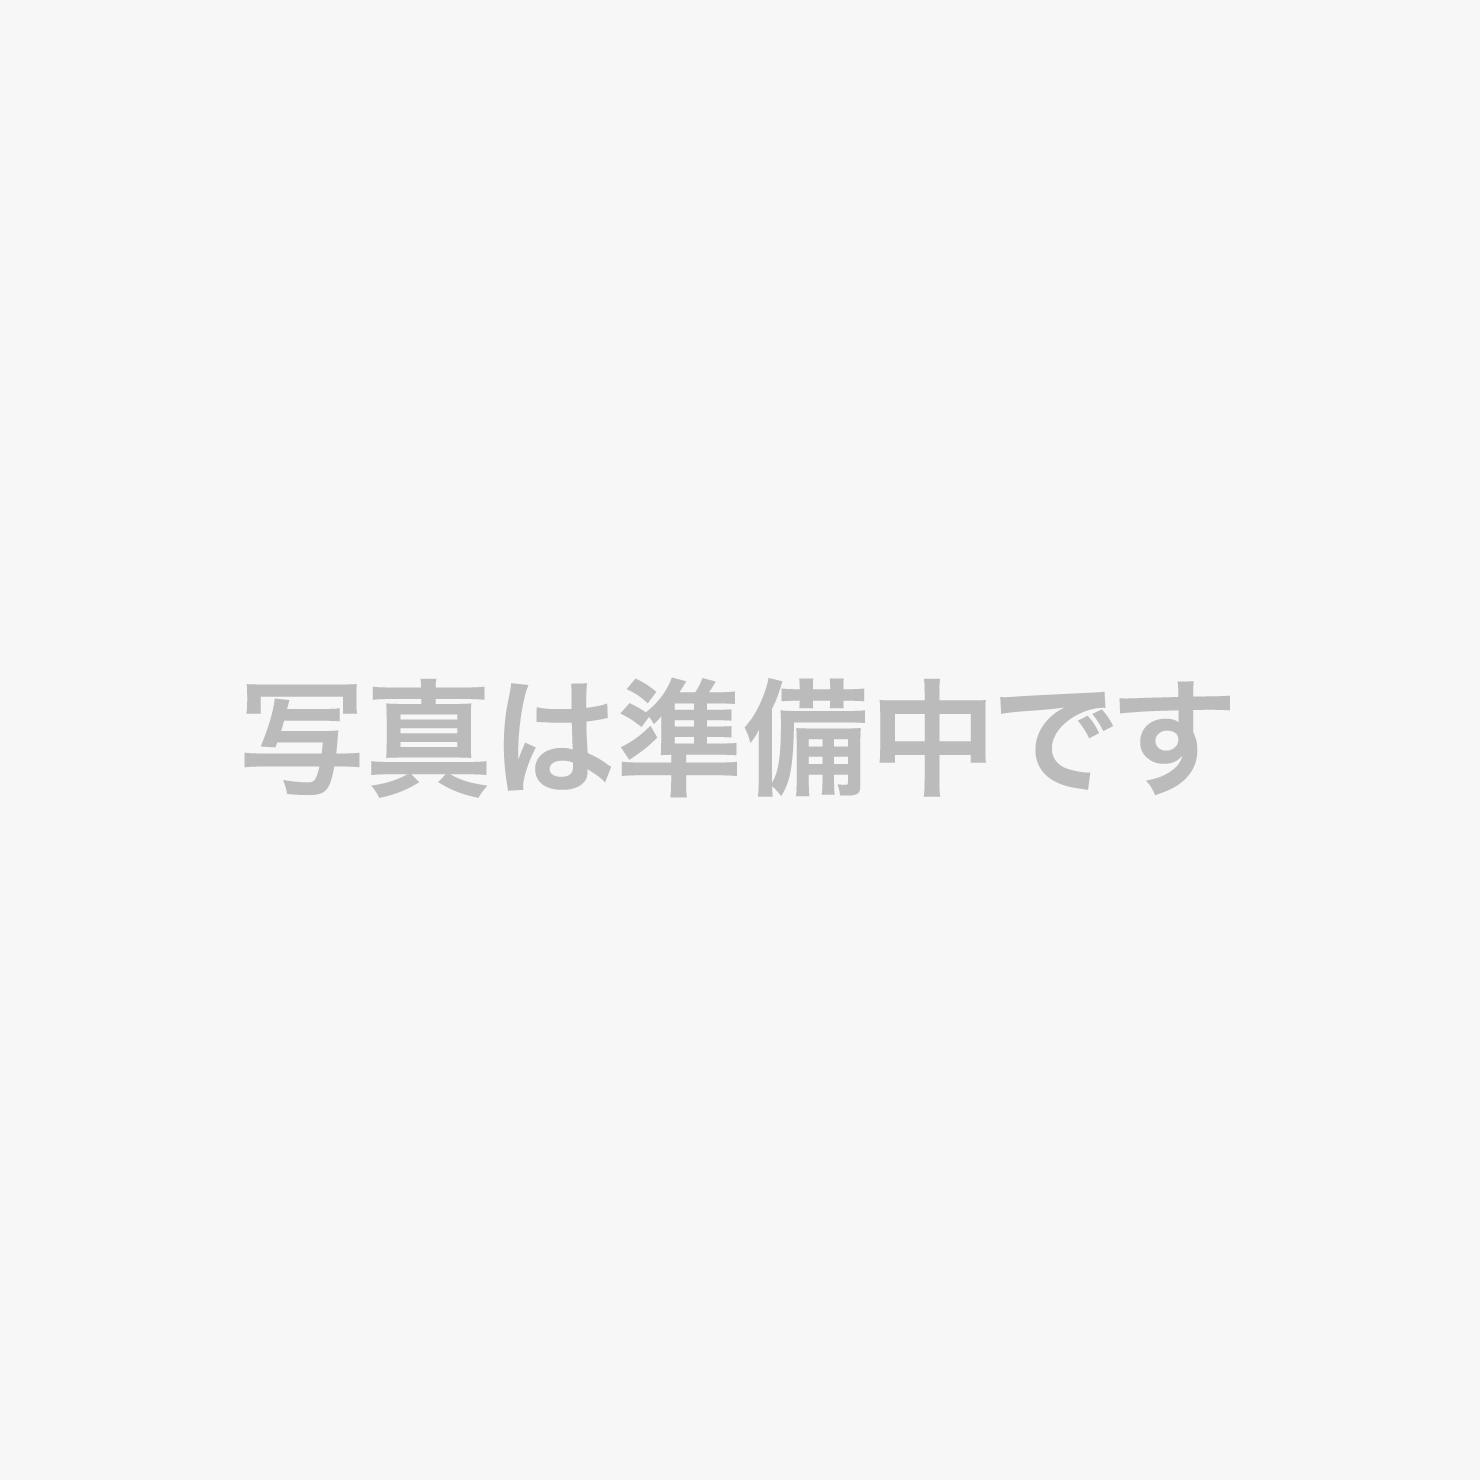 2020年秋の料理フェア【秋の伊勢路 大収穫祭バイキング】9/1~11/30まで【握りずし3種盛り】